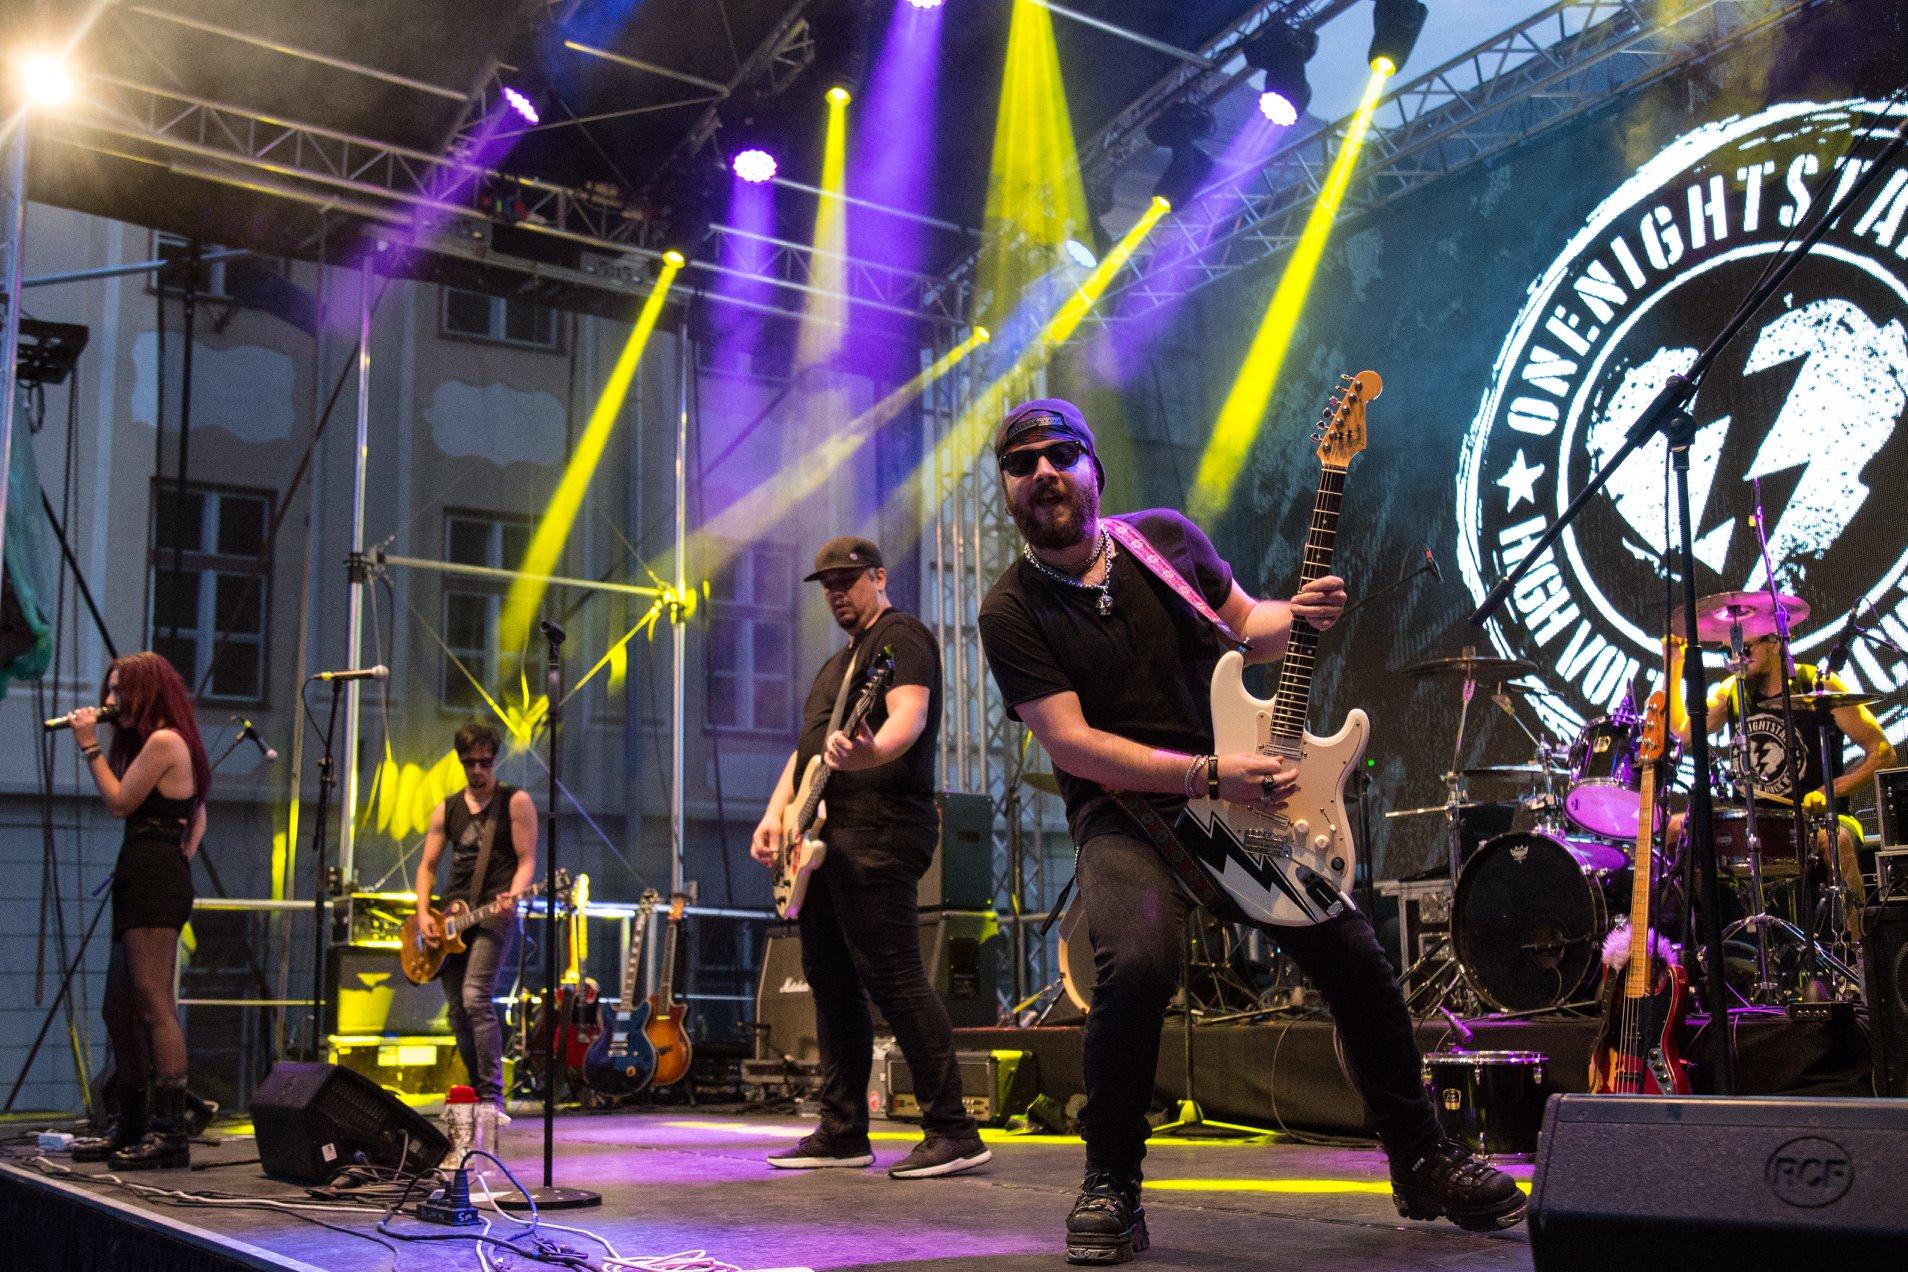 Peste 50 de artiști locali vor concerta la Sibiu Sounds Festival